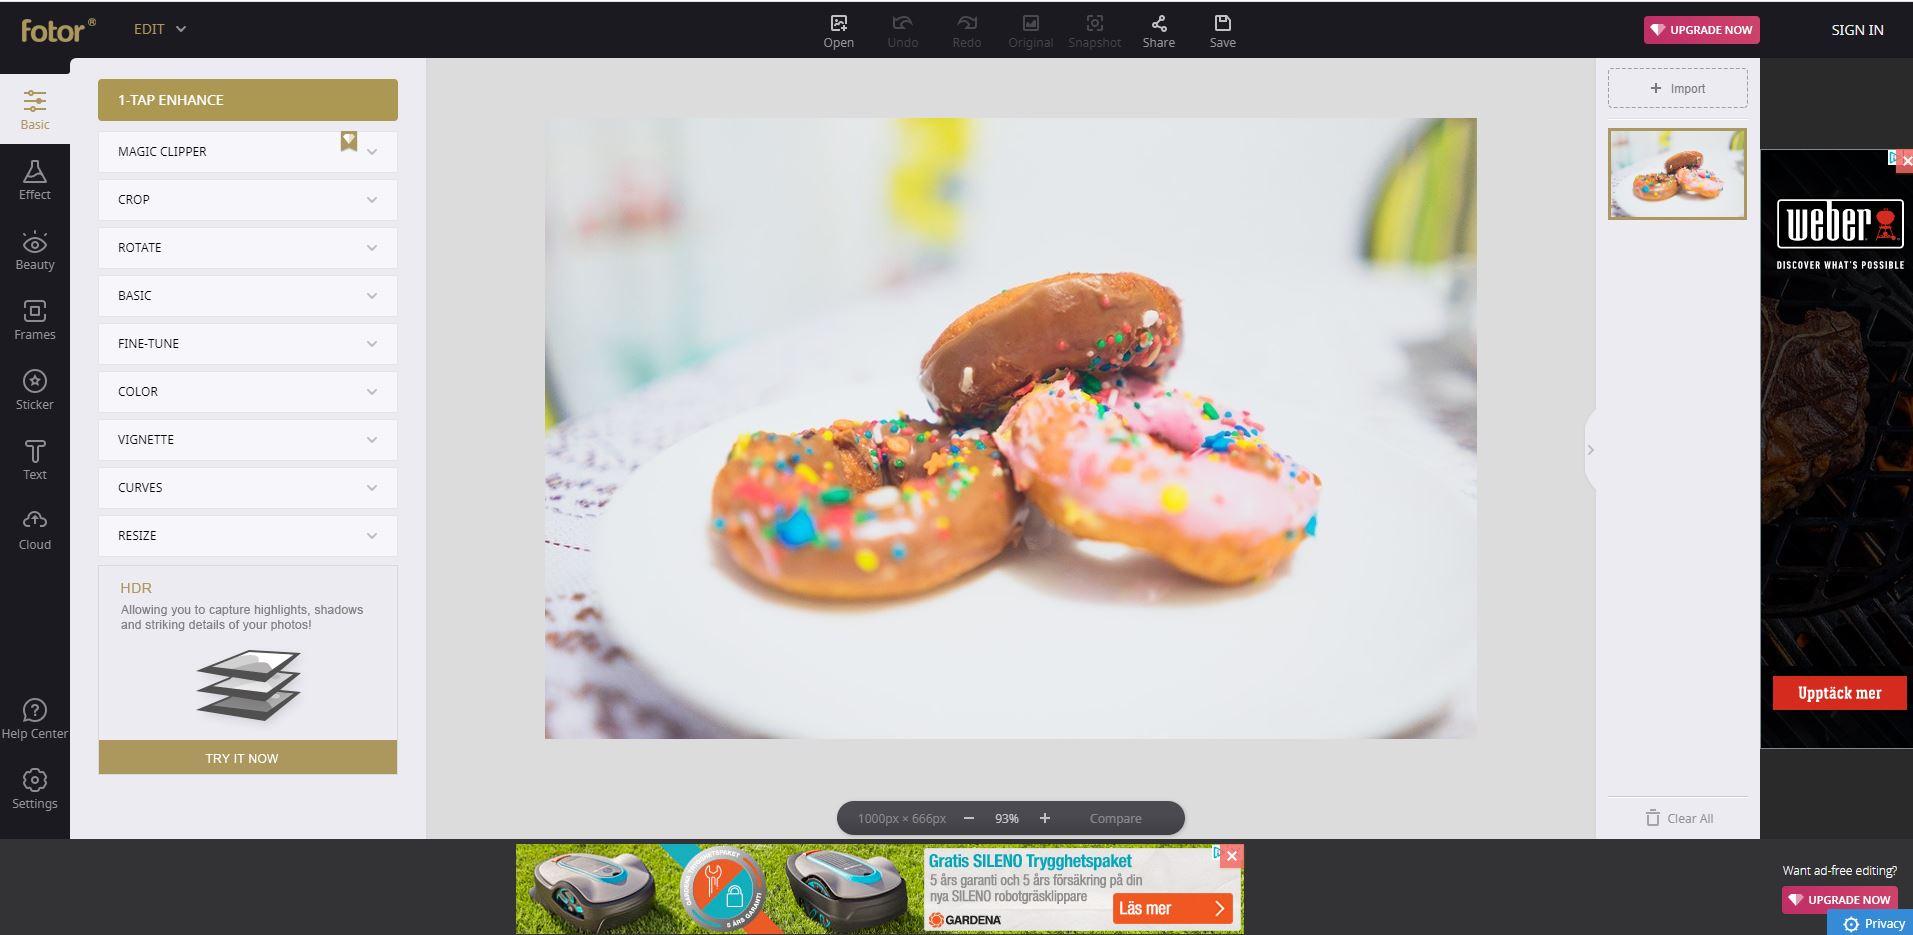 Bildbehandling på webben - Fotor